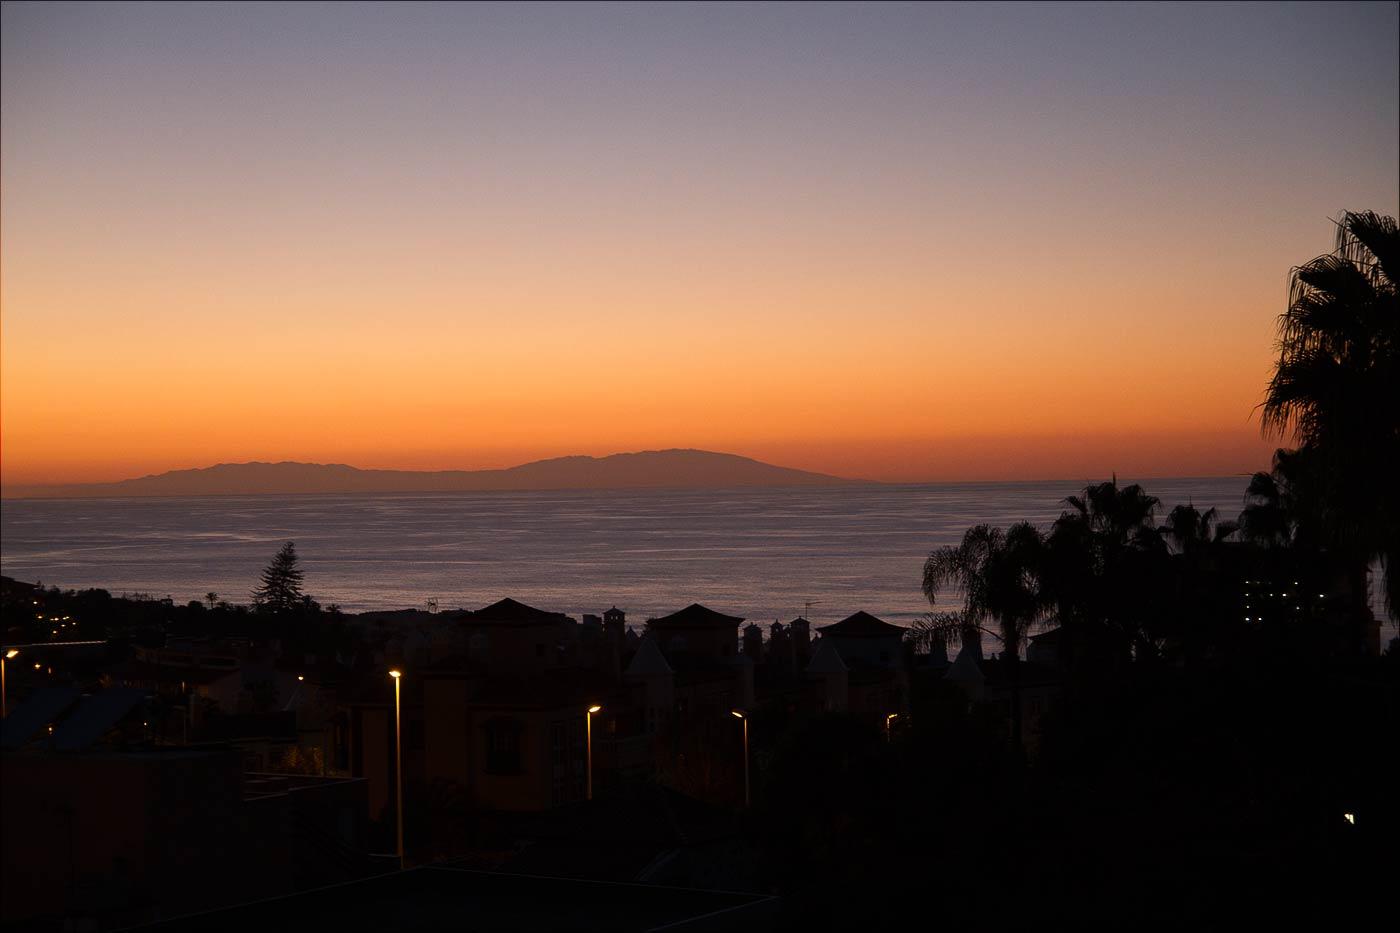 Закат на Тенерифе. В этот день месяц назад